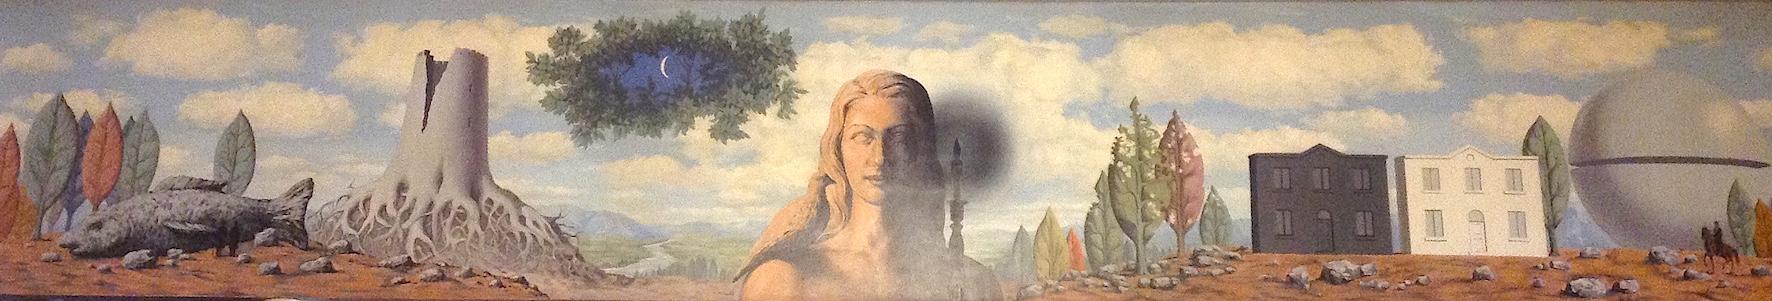 """""""La Fée Ignorante"""", une fresque monumentale de Magritte, orne la salle des Congrès du Palais des Beaux-Arts de Charleroi."""